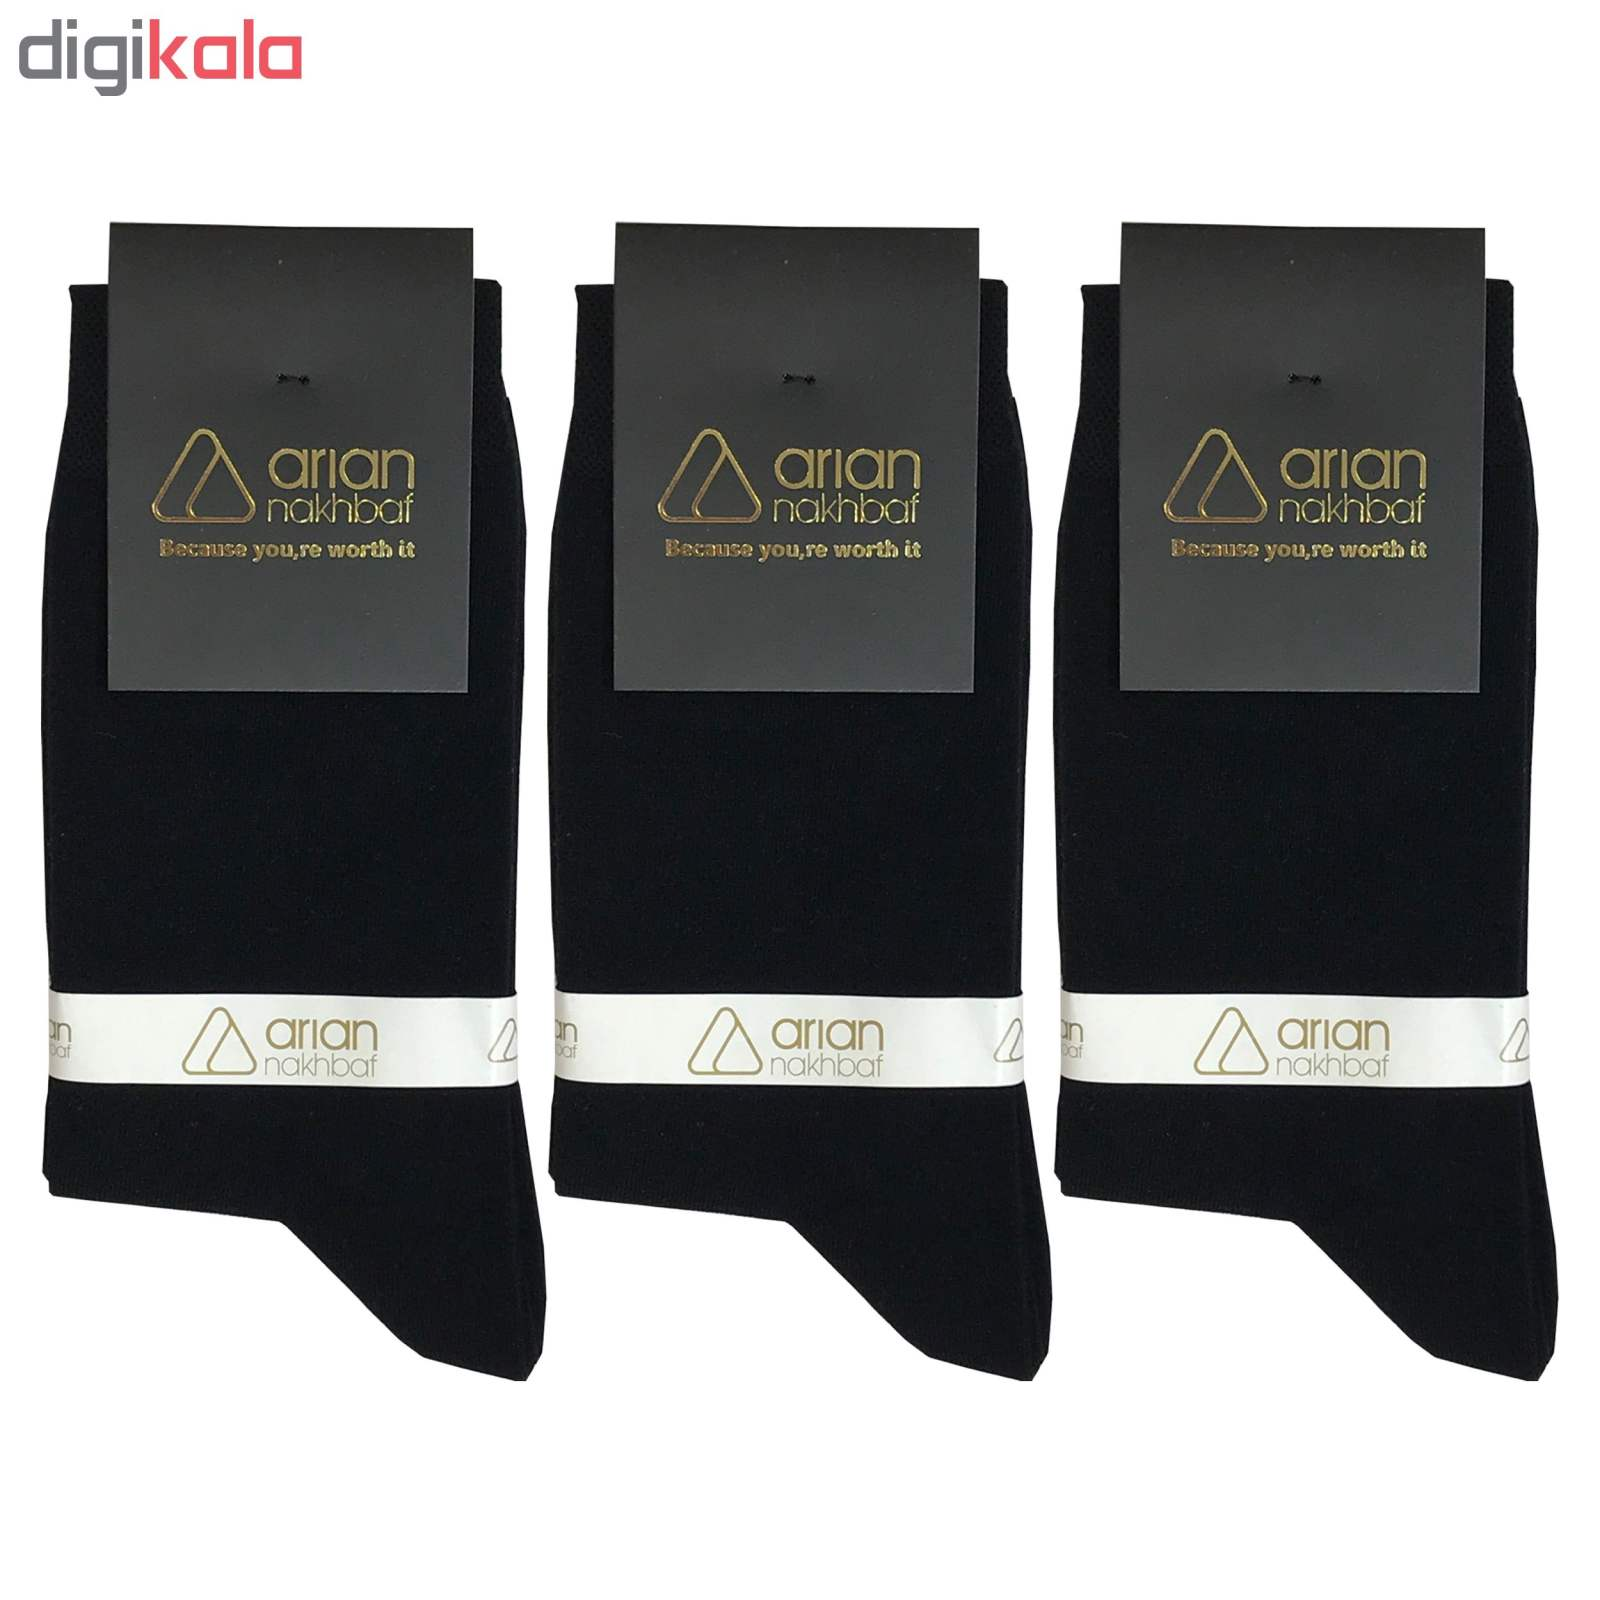 جوراب مردانه مشکی آریان نخ باف کد 51217 بسته 3 جفتی پنجه گیری شده main 1 1